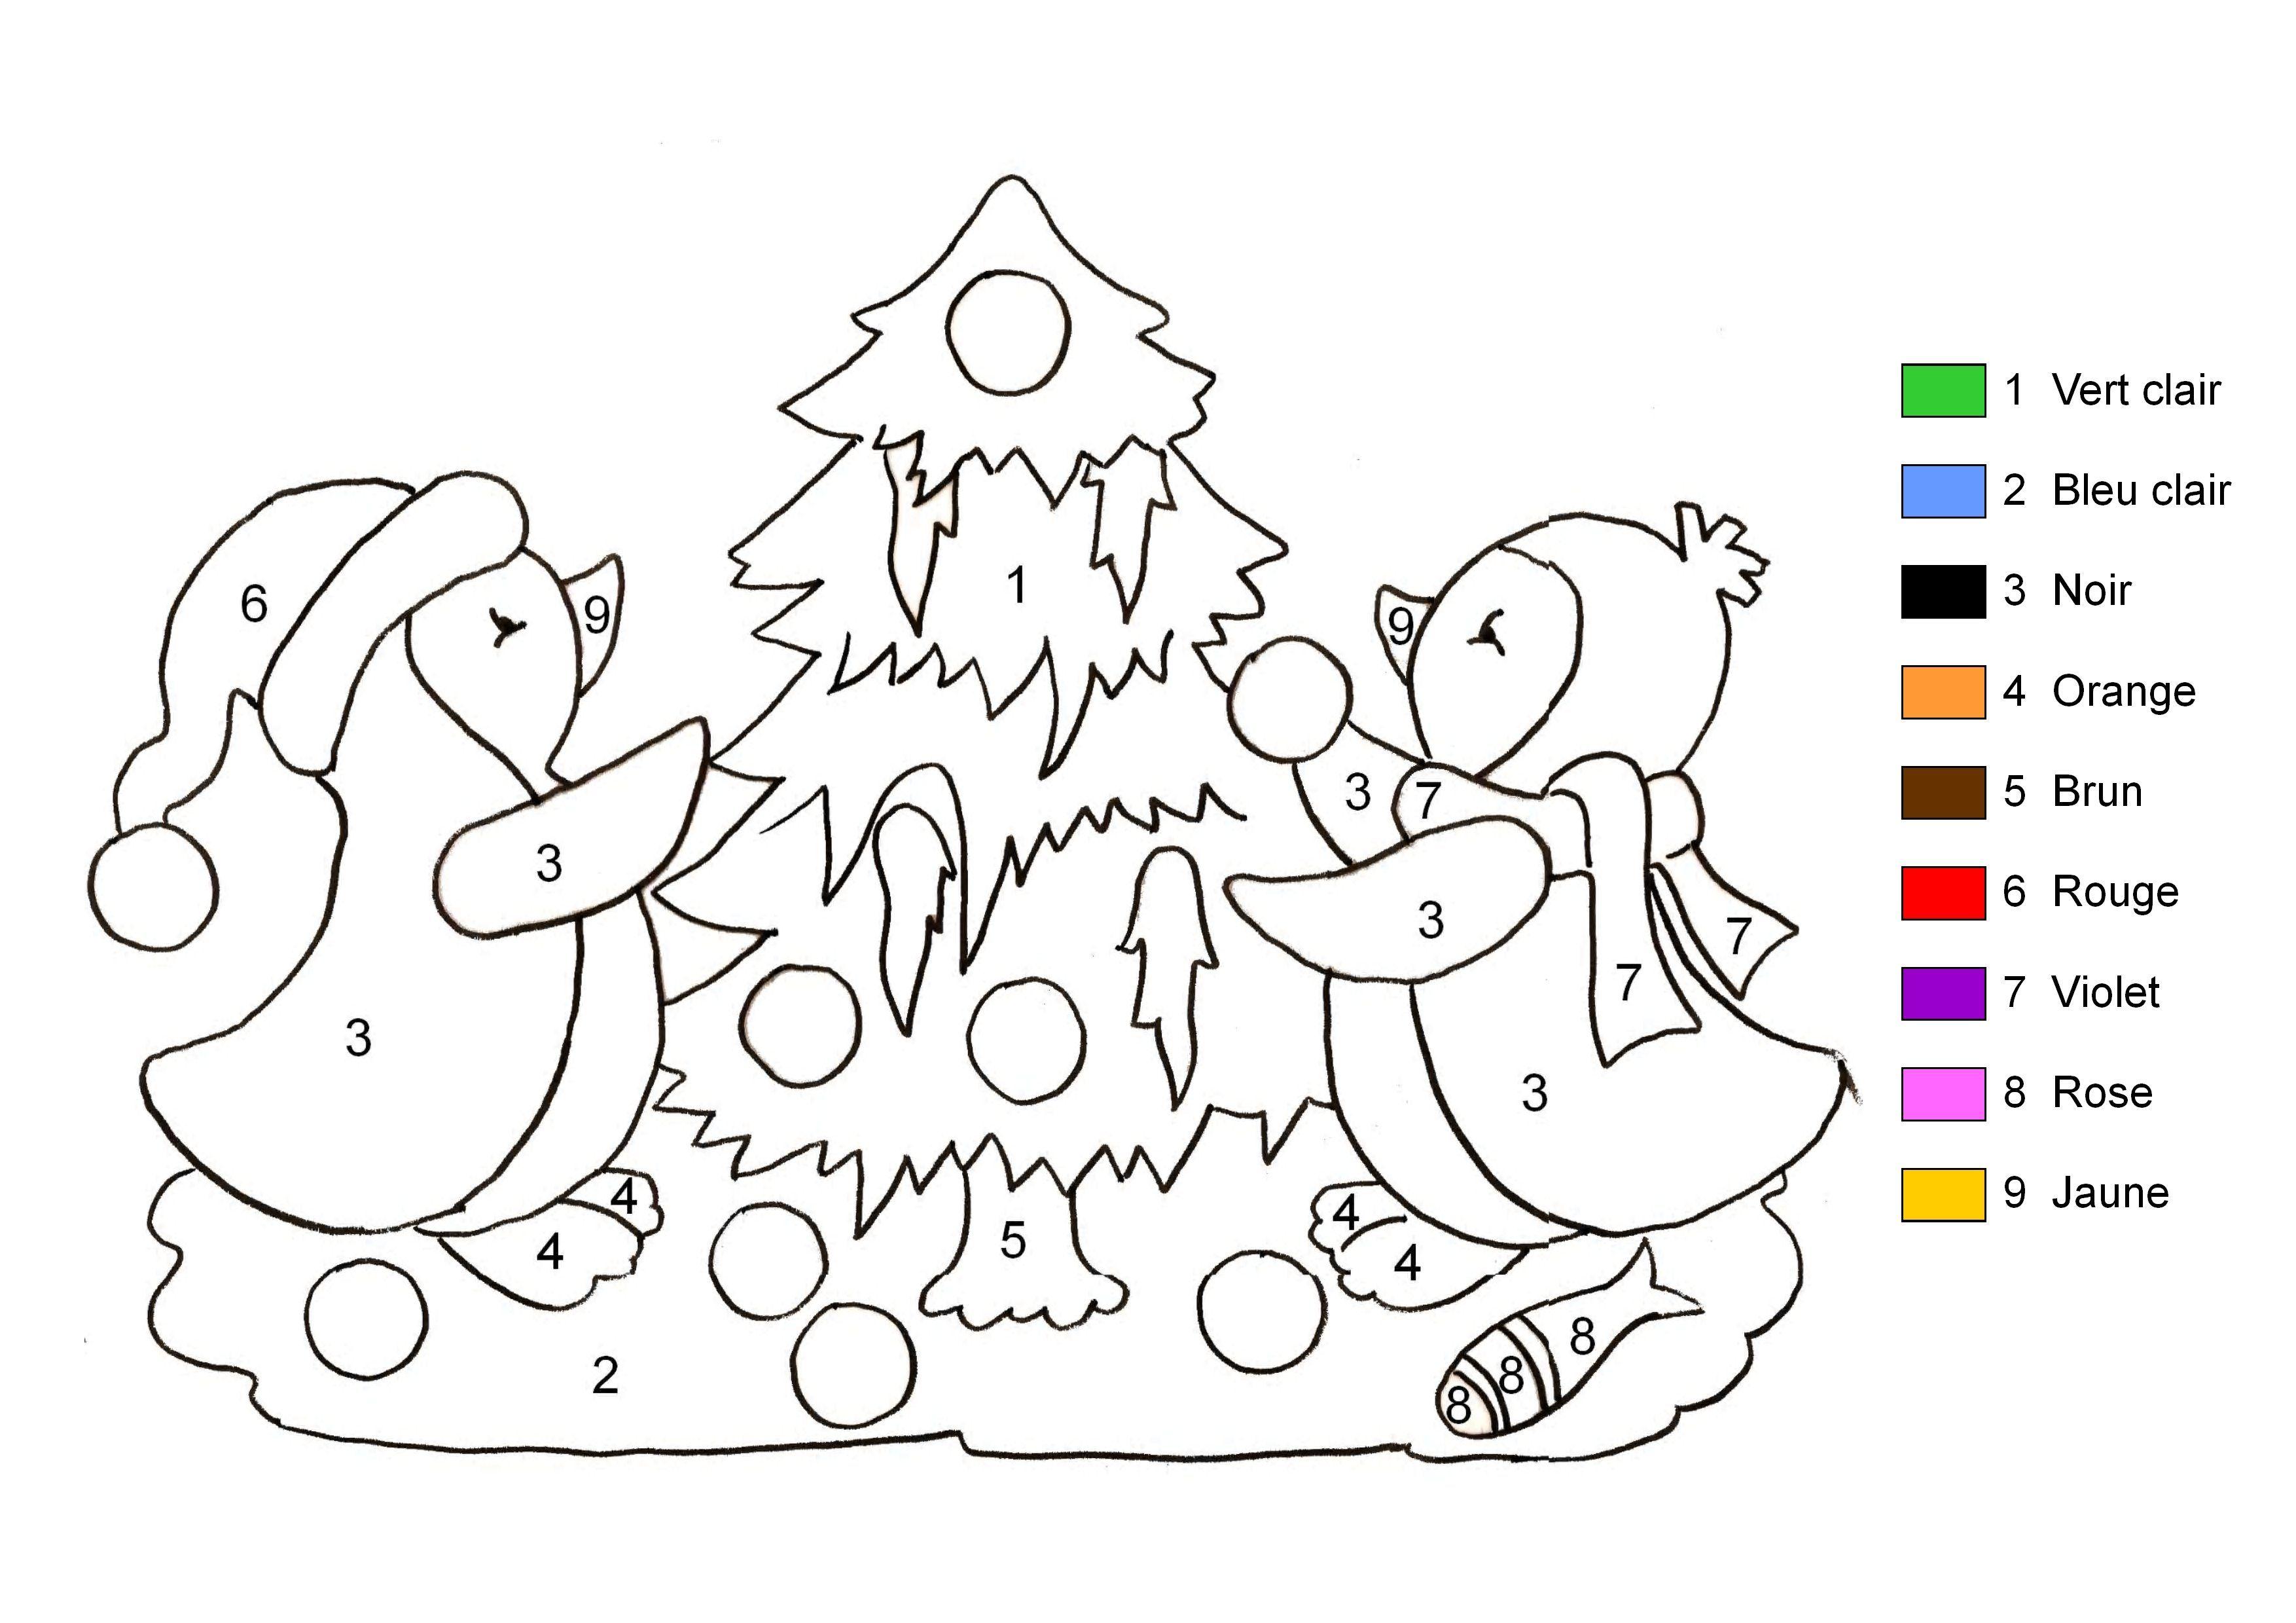 Imprimer coloriage noel coloriage coloriage noel coloriage magique noel et coloriage magique - Coloriage magique de noel a imprimer ...